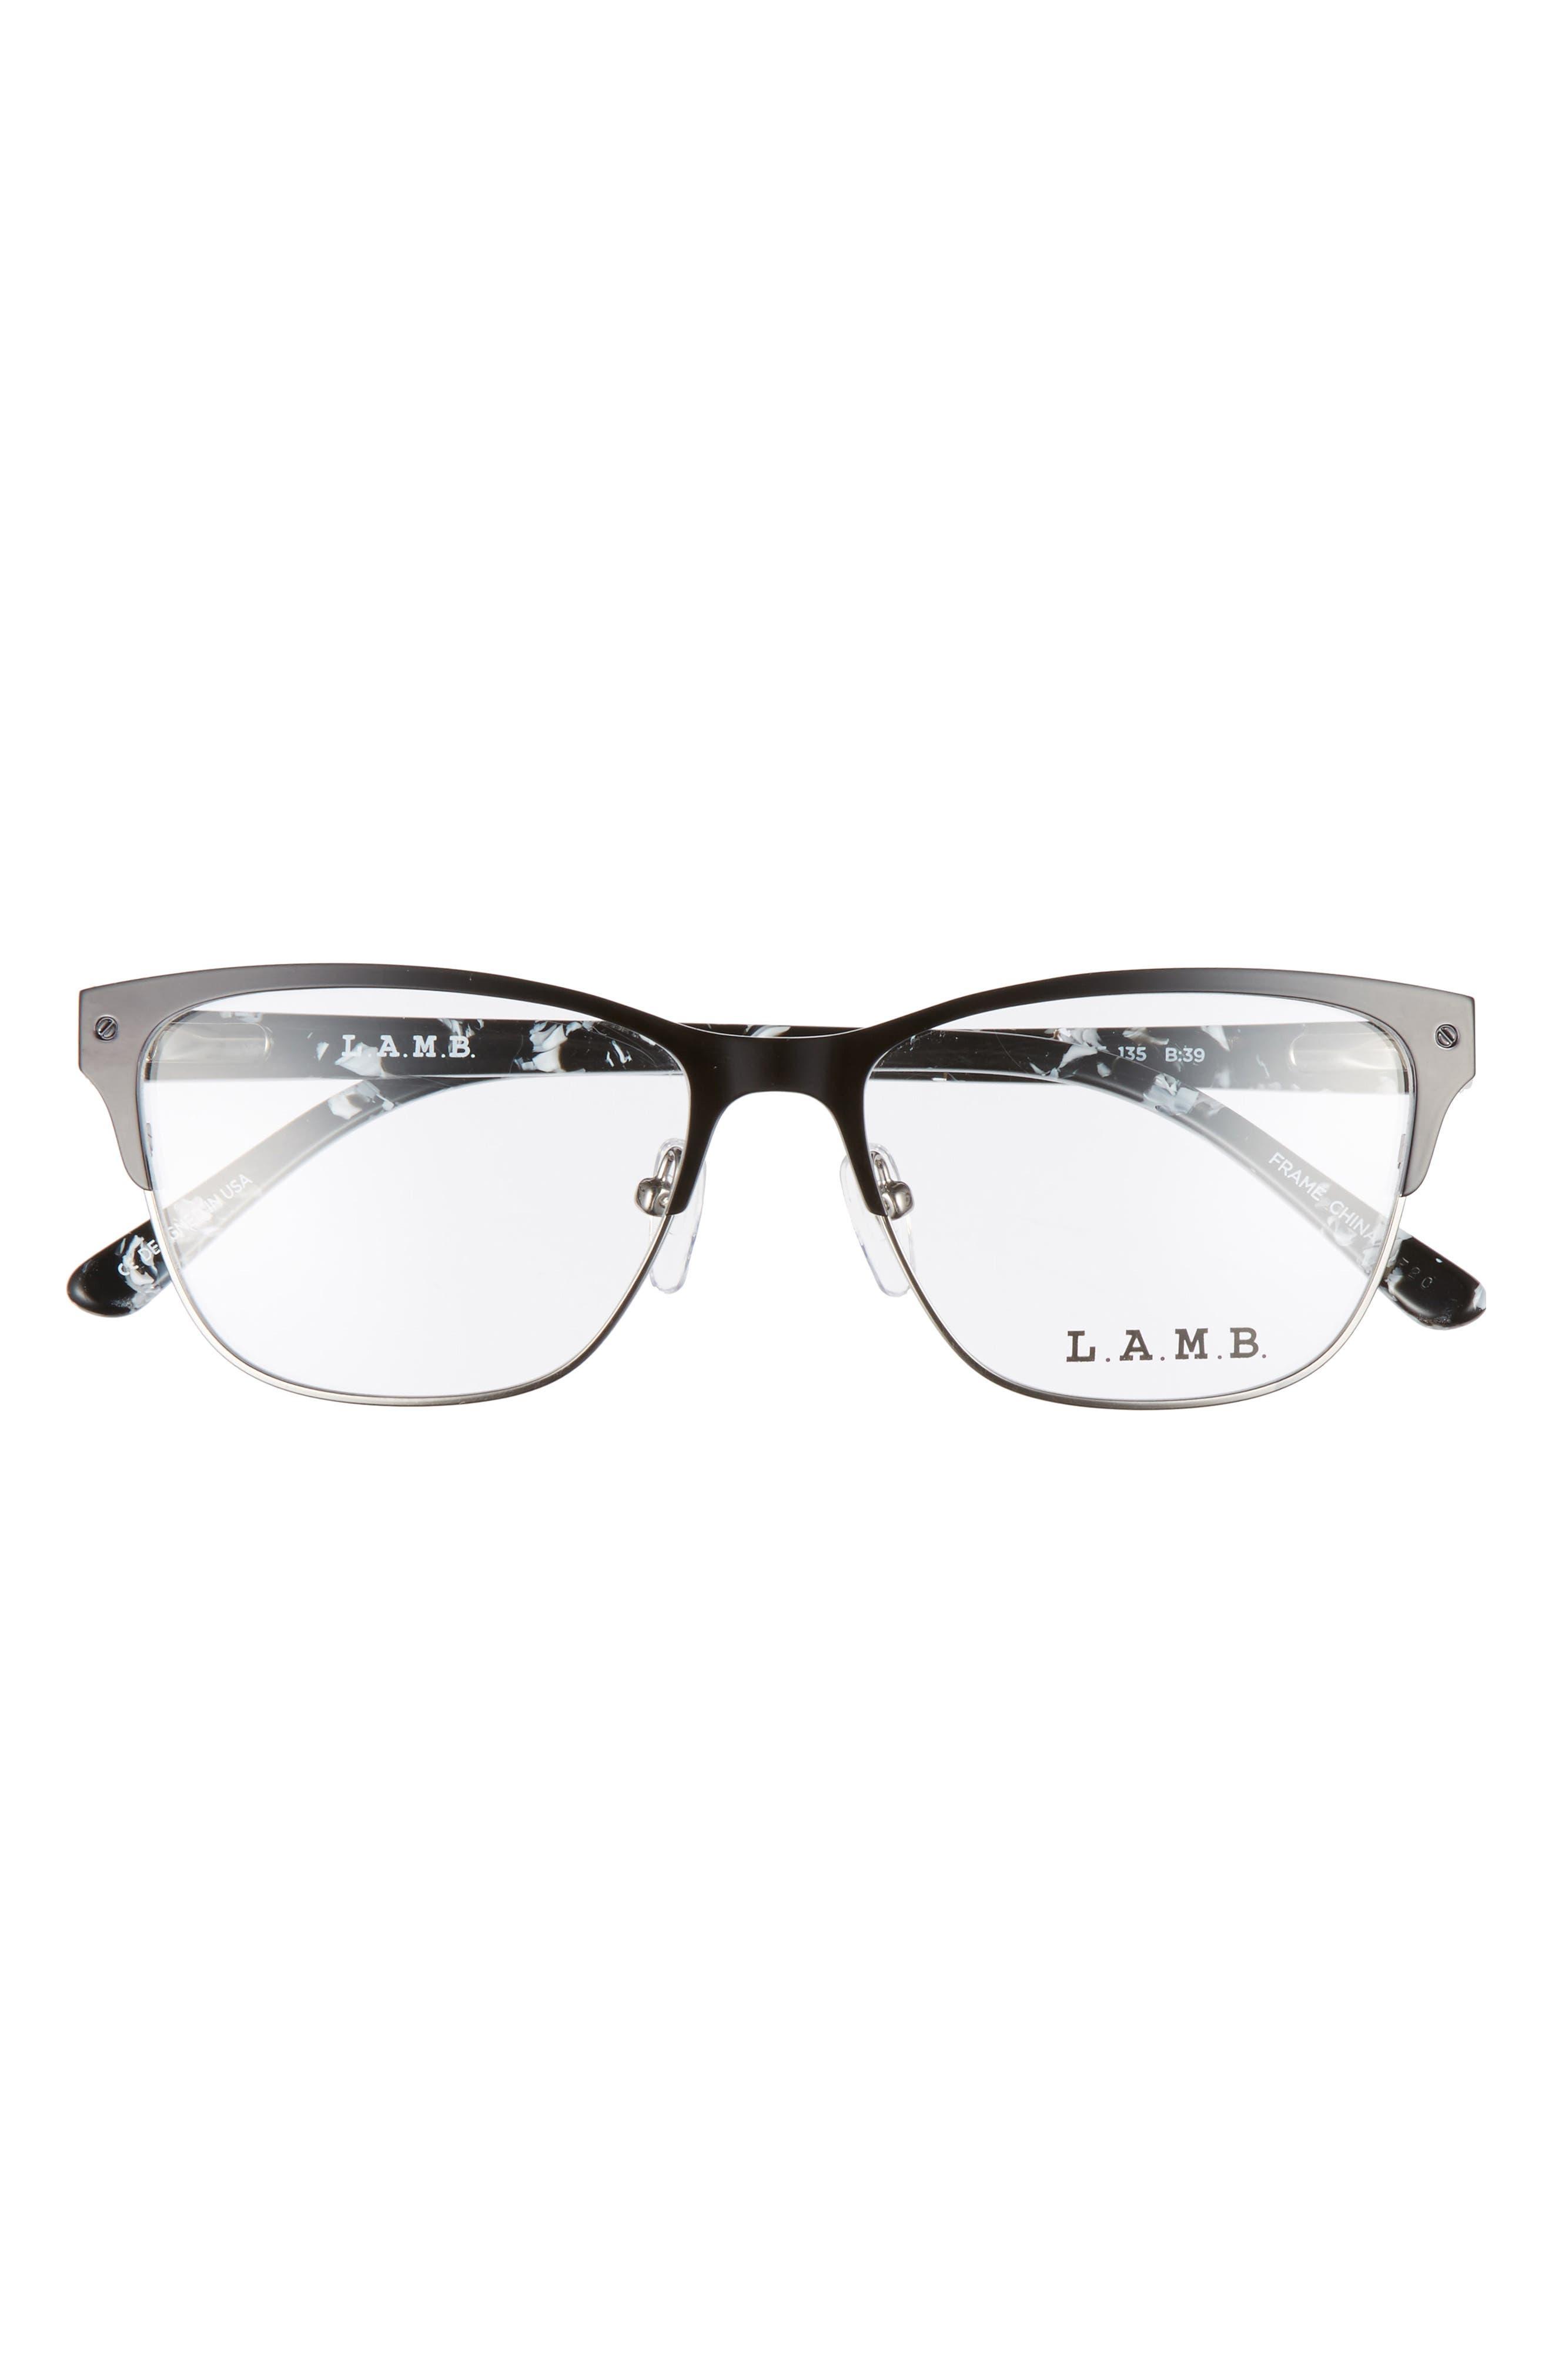 52mm Cat Eye Optical Glasses,                             Alternate thumbnail 3, color,